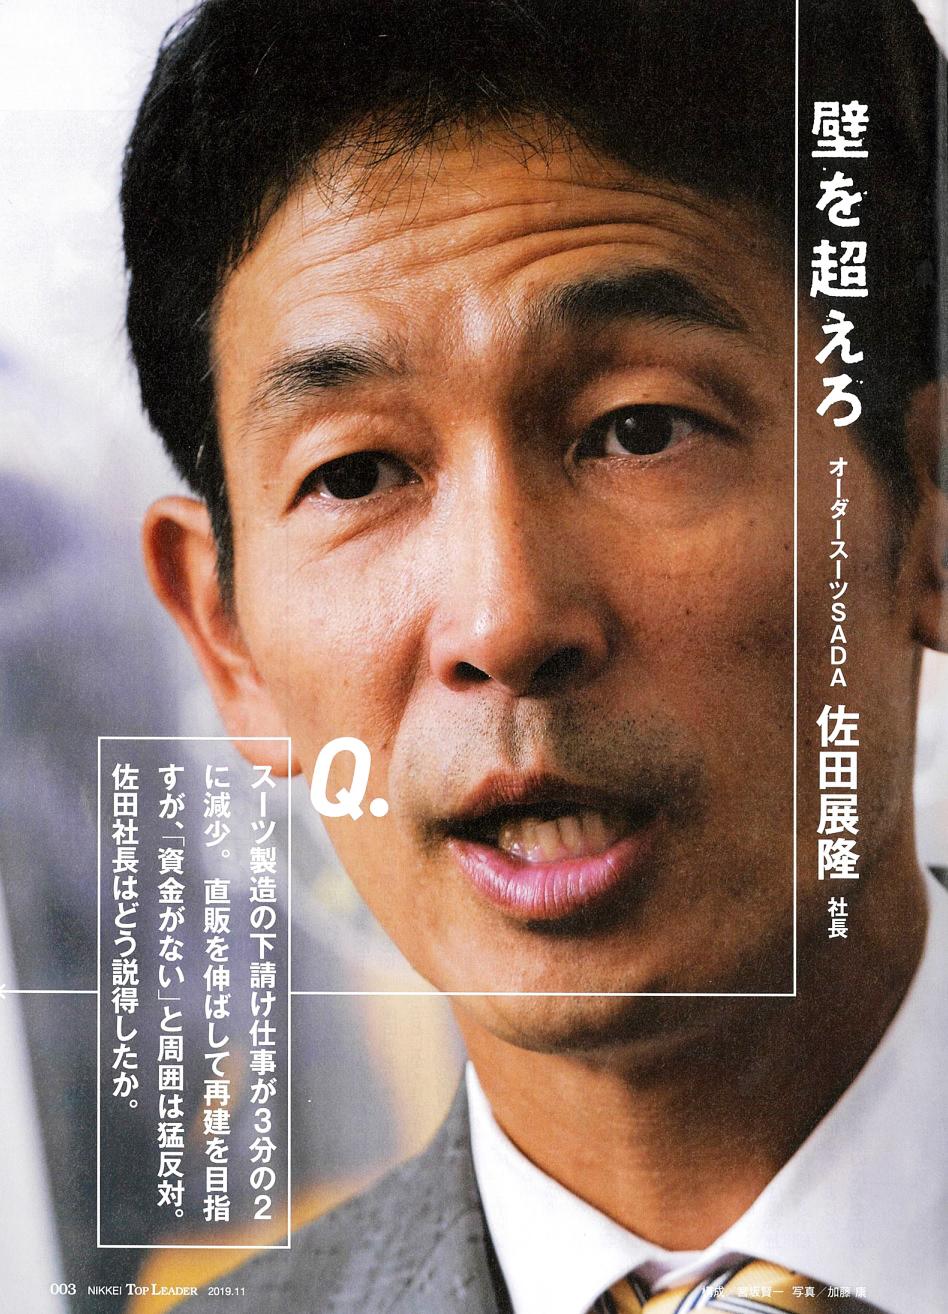 「日経トップリーダー」に掲載されました!